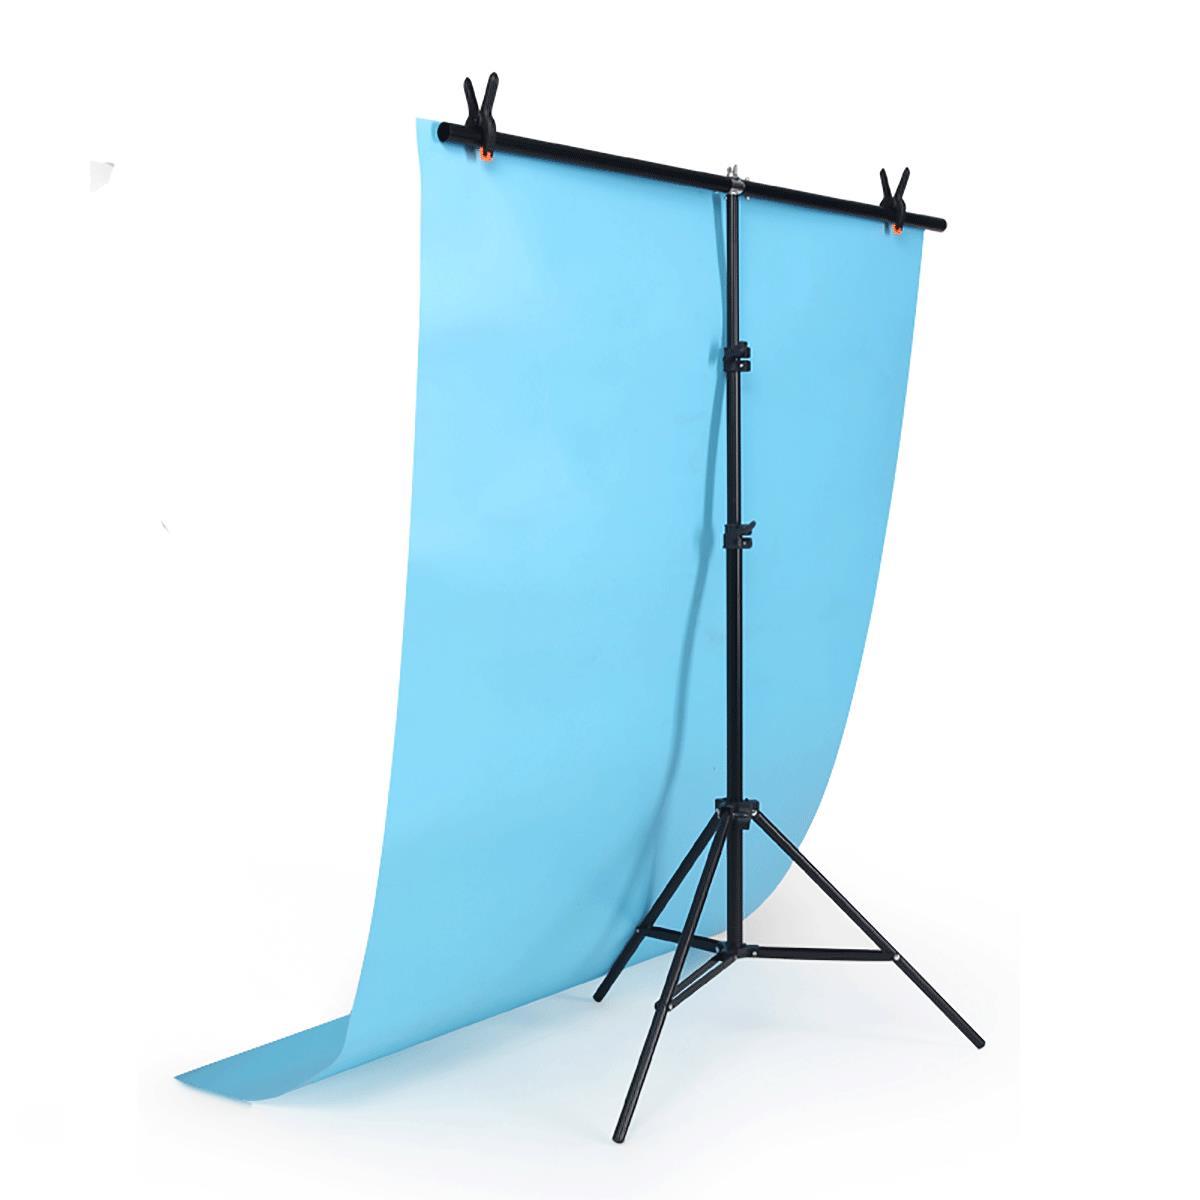 Держатель фона для фотостудии своими руками